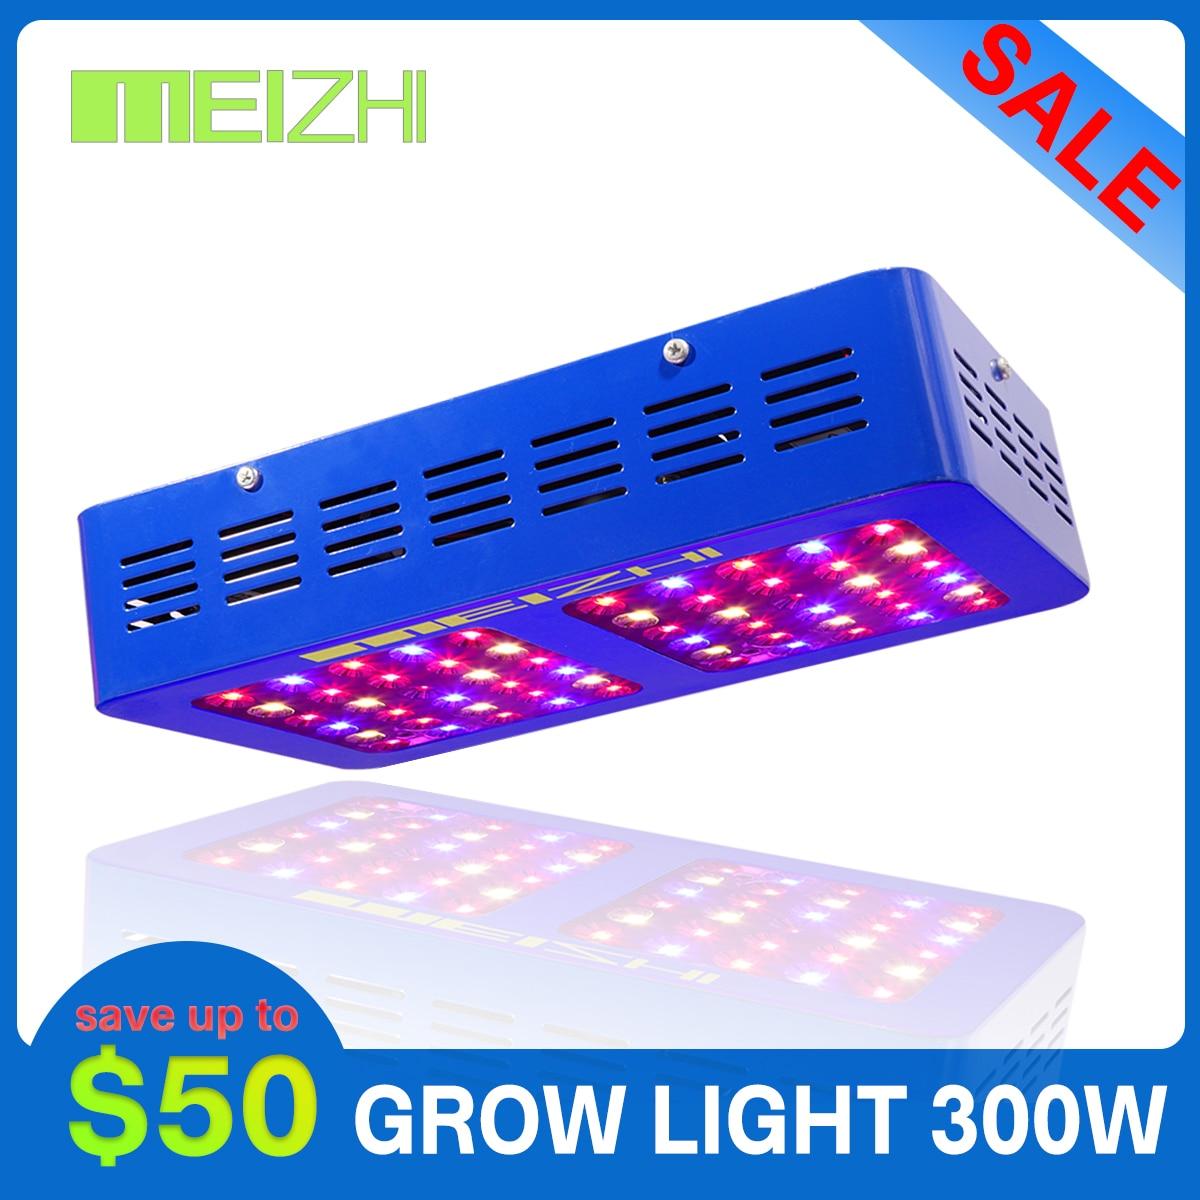 MEIZHI réflecteur led grandir lumière spectre complet 300w Epistar jardin intérieur hydroponique graines plante croissance lumière